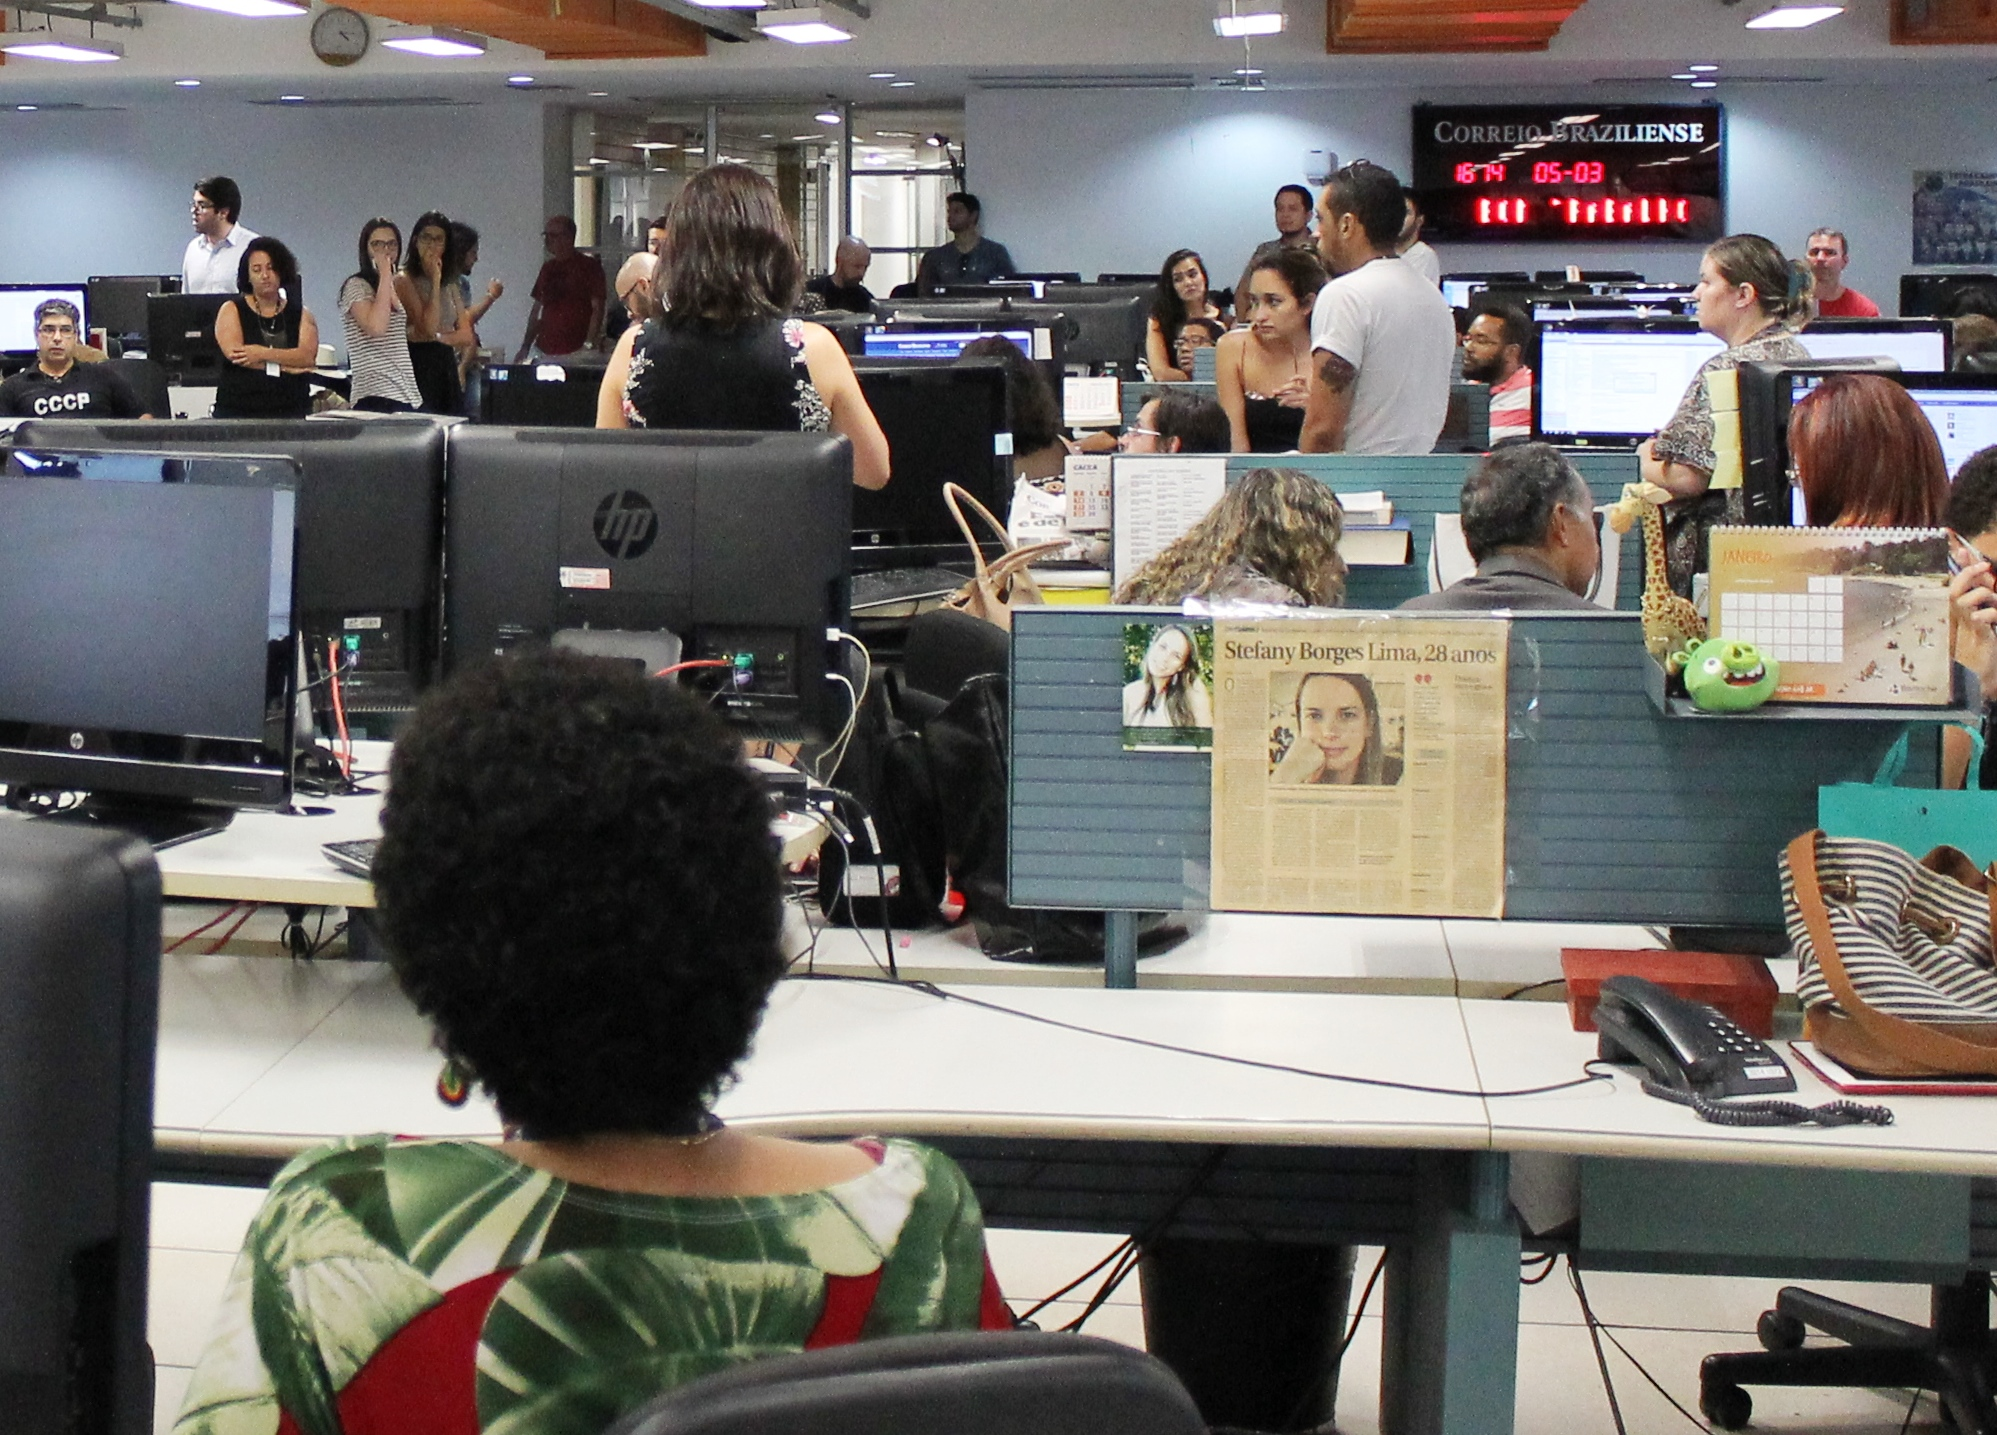 Sindicato solicita reunião com Correio Braziliense para discutir assédios moral e sexual